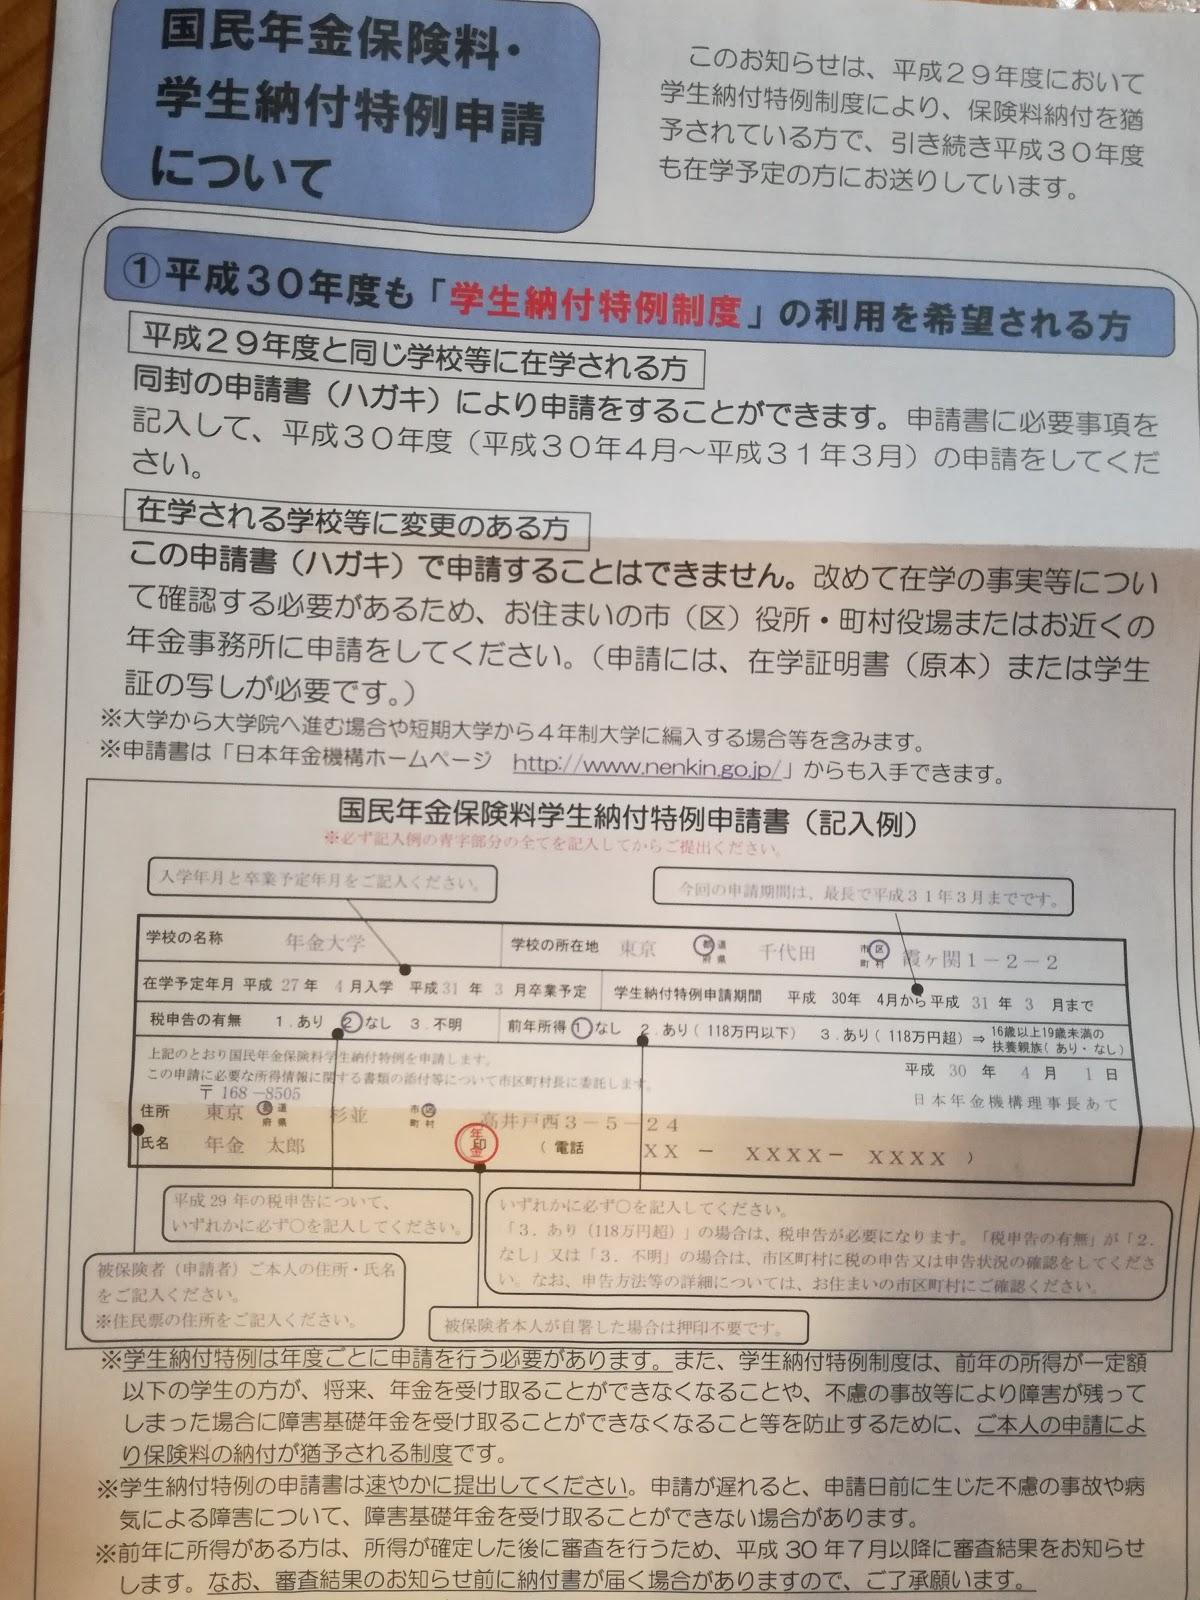 納付 書 申請 学生 年金 特例 国民